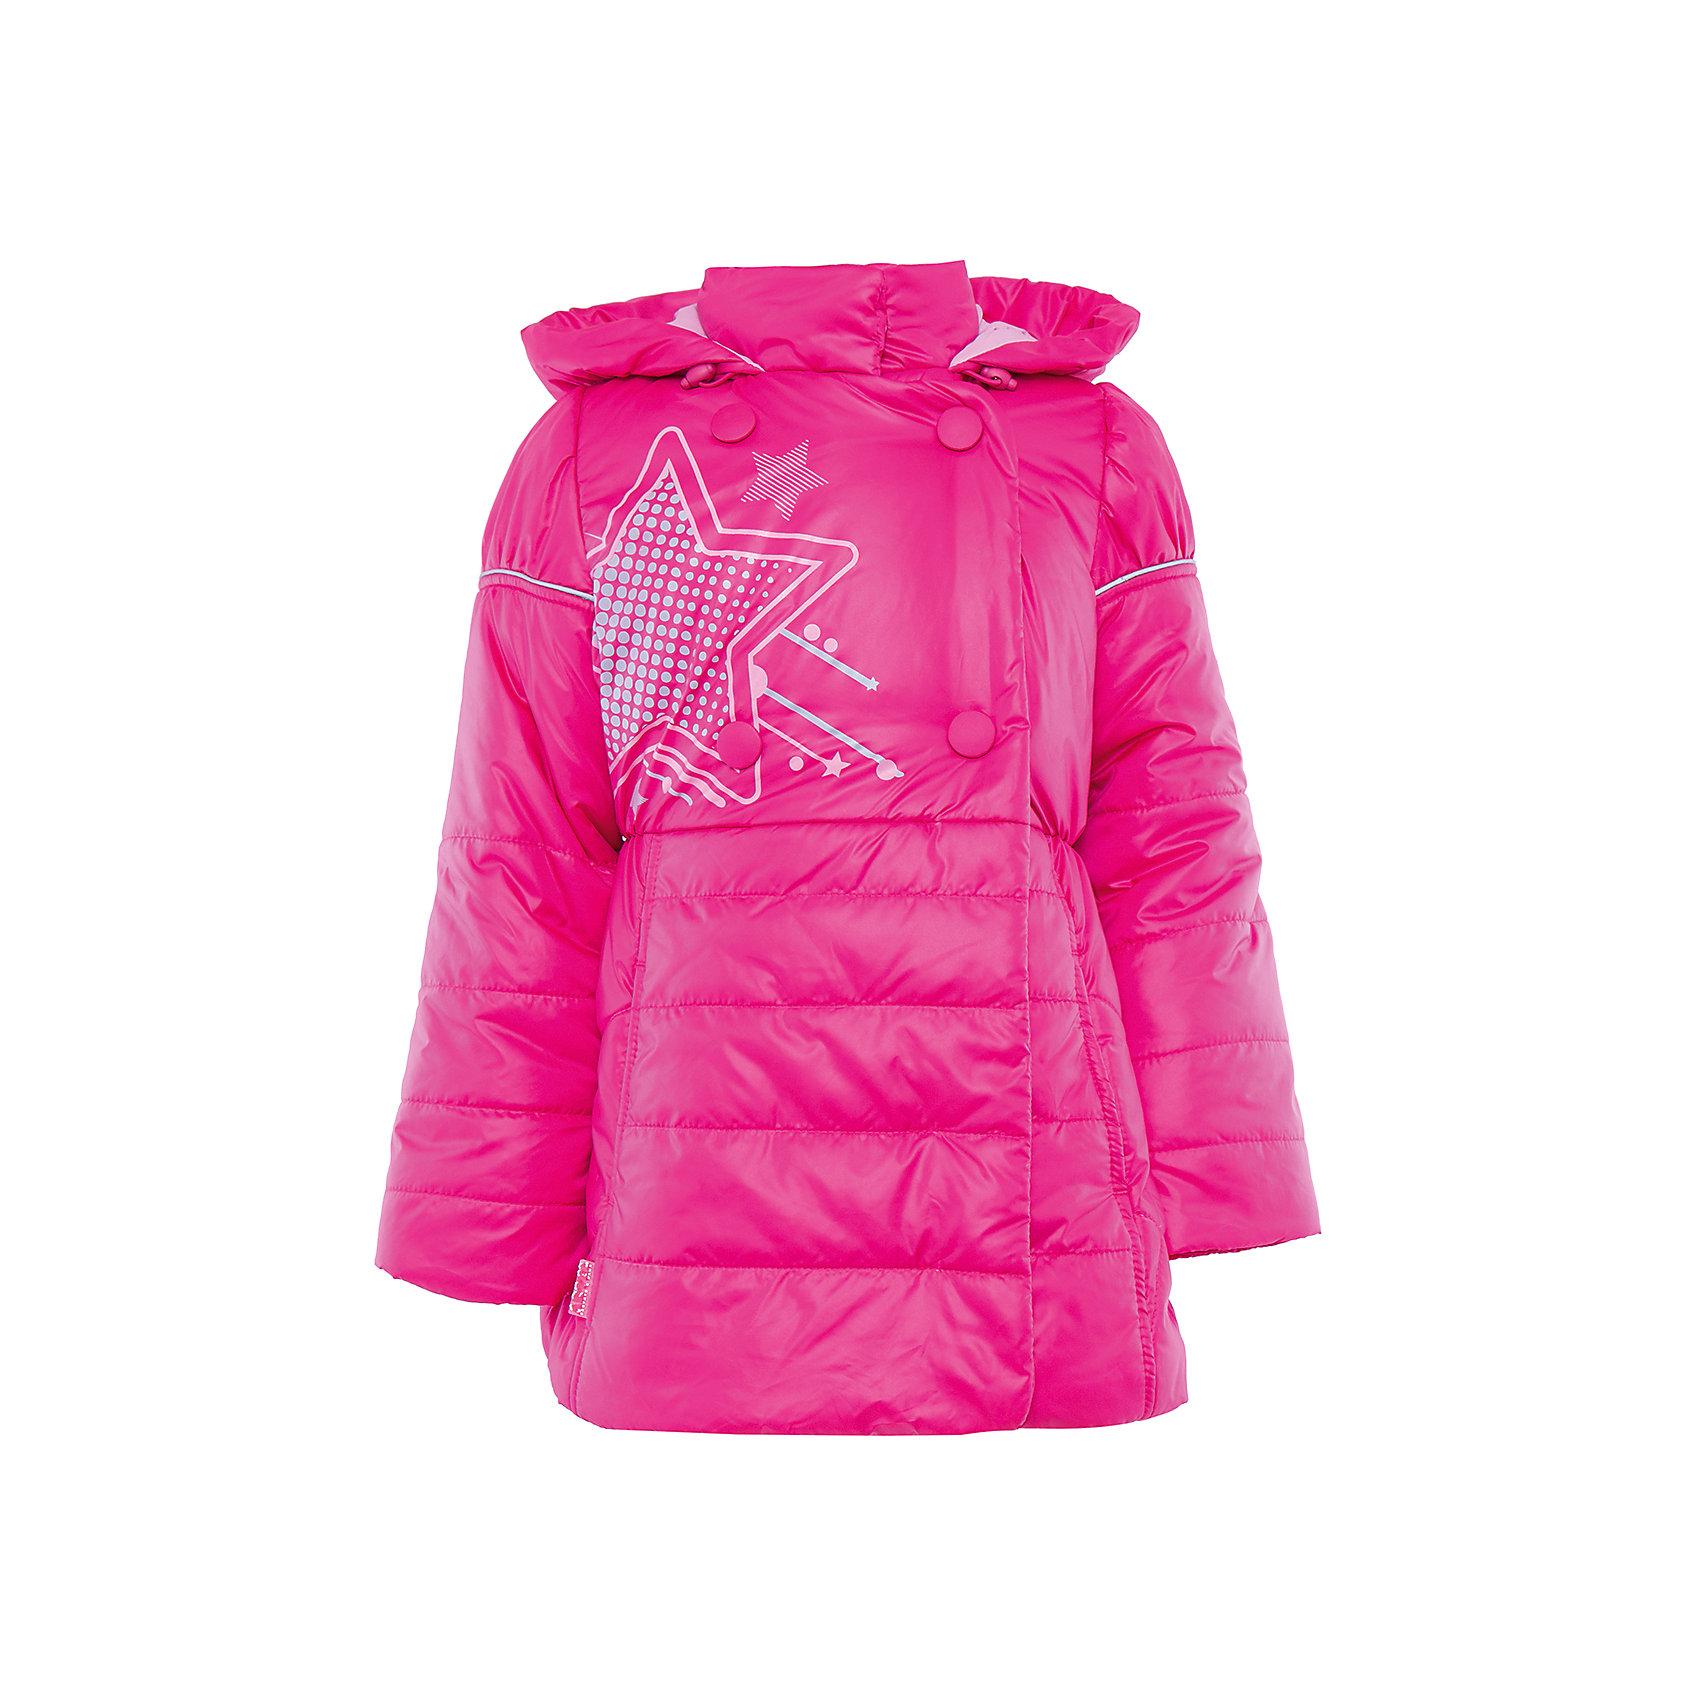 Куртка для девочки АртельКуртка для девочки от известного бренда Артель<br>Стильная удлиненная двубортная куртка на девочку. Капюшон втачной с отворотом в виде буфа. Манжета рукава регулируется по длине. По линии талии сторочка с резинкой. <br>Состав:<br>Верх: YSD 819<br>Подкладка: интерлок, тиси<br>Утеплитель: термофайбер 200гр<br><br>Ширина мм: 356<br>Глубина мм: 10<br>Высота мм: 245<br>Вес г: 519<br>Цвет: розовый<br>Возраст от месяцев: 60<br>Возраст до месяцев: 72<br>Пол: Женский<br>Возраст: Детский<br>Размер: 116,128,104,110,122<br>SKU: 4963654